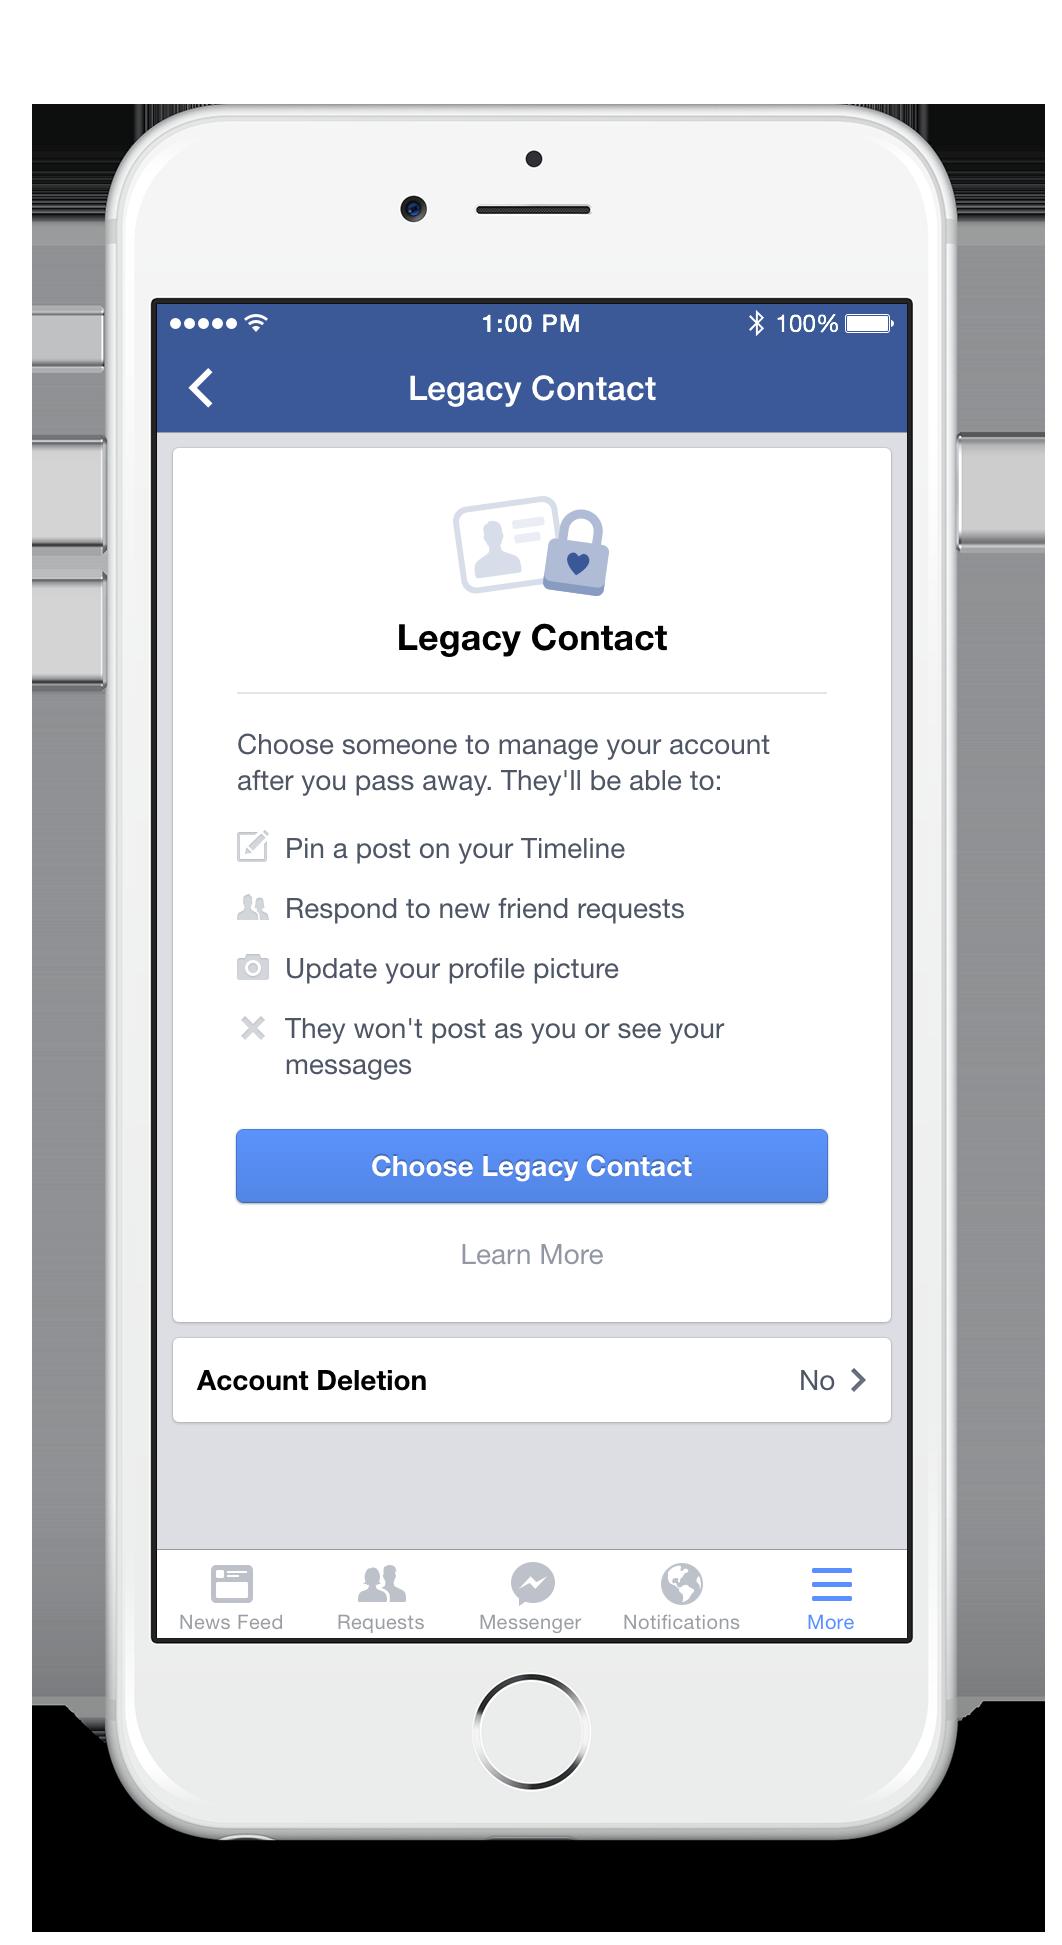 facebook come scegliere legacy contact, il testamento del profilo